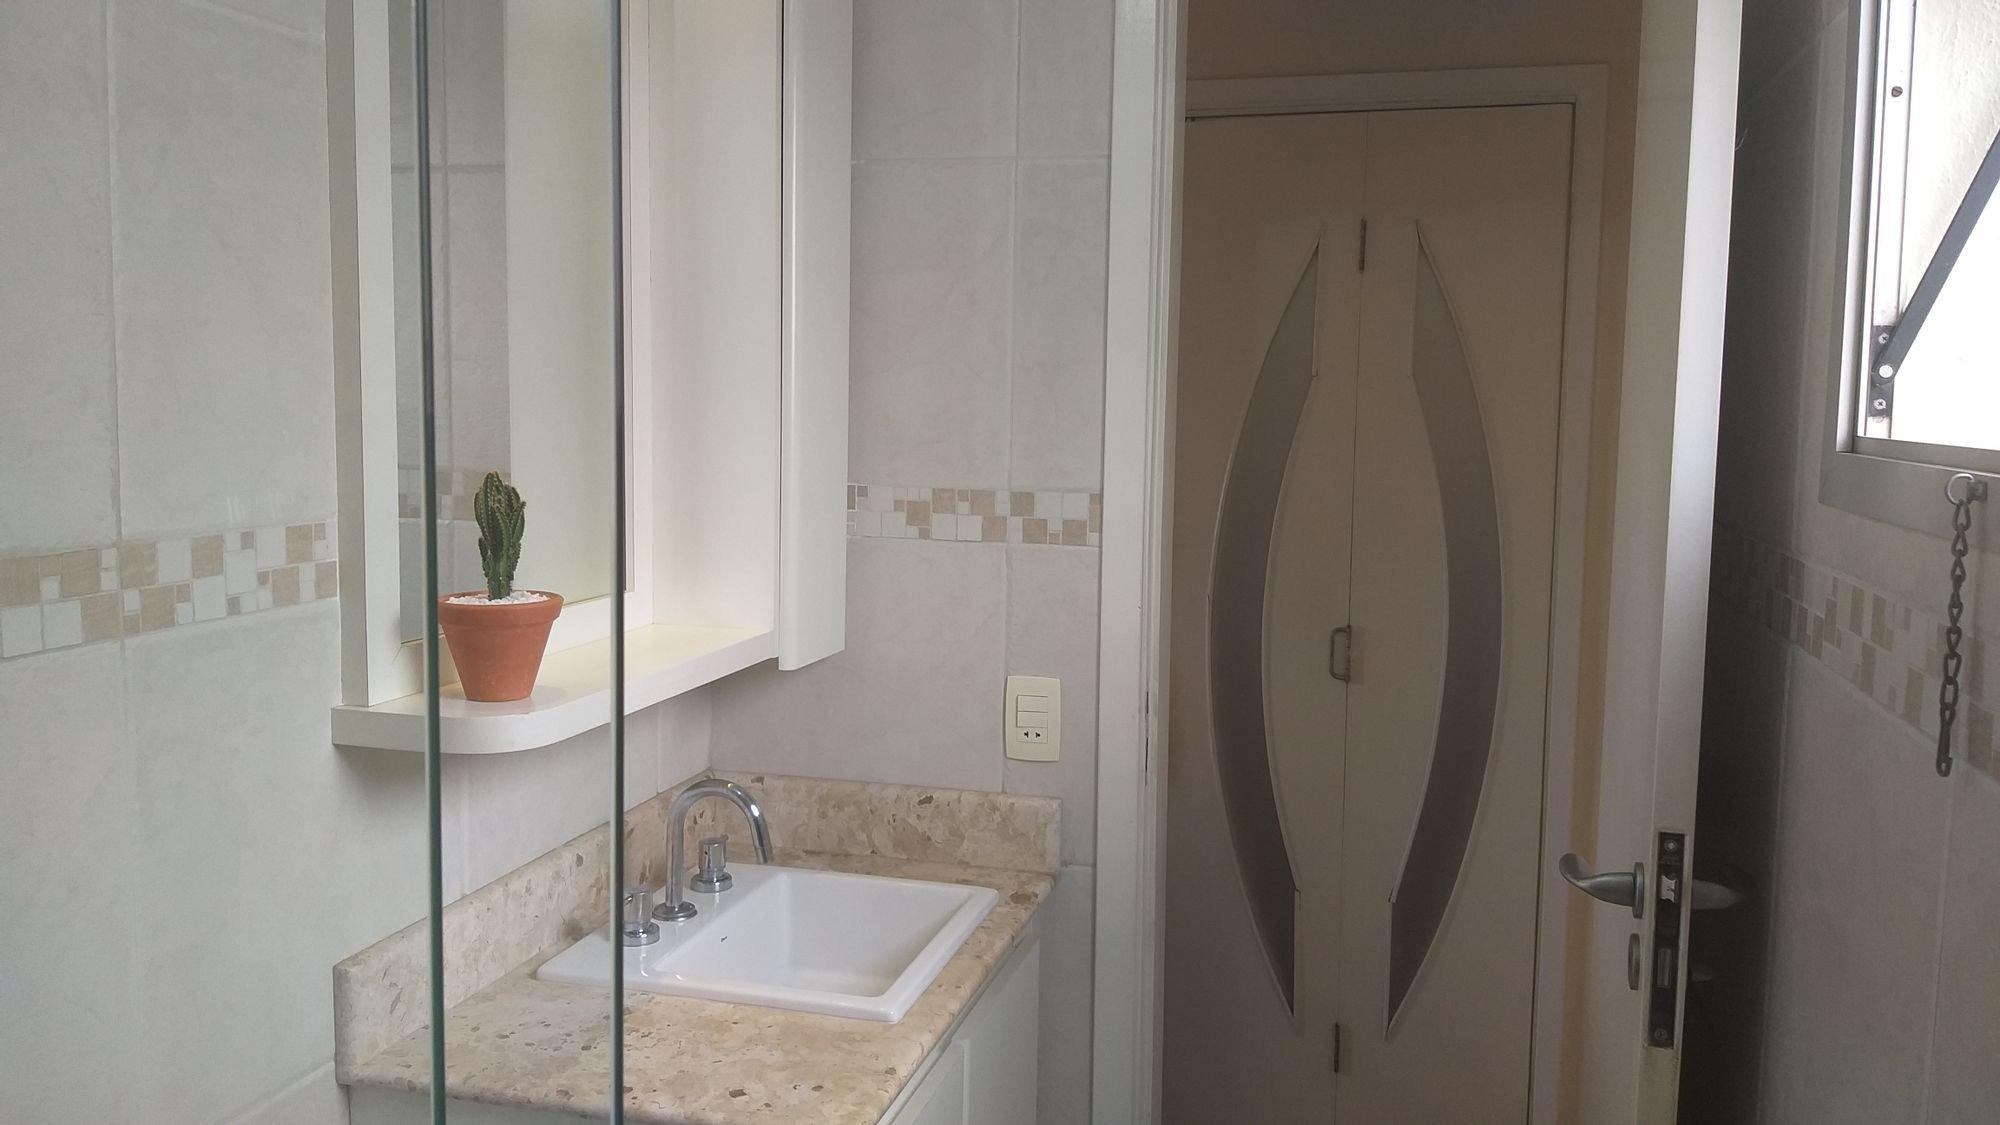 Foto de Banheiro com vaso de planta, pia